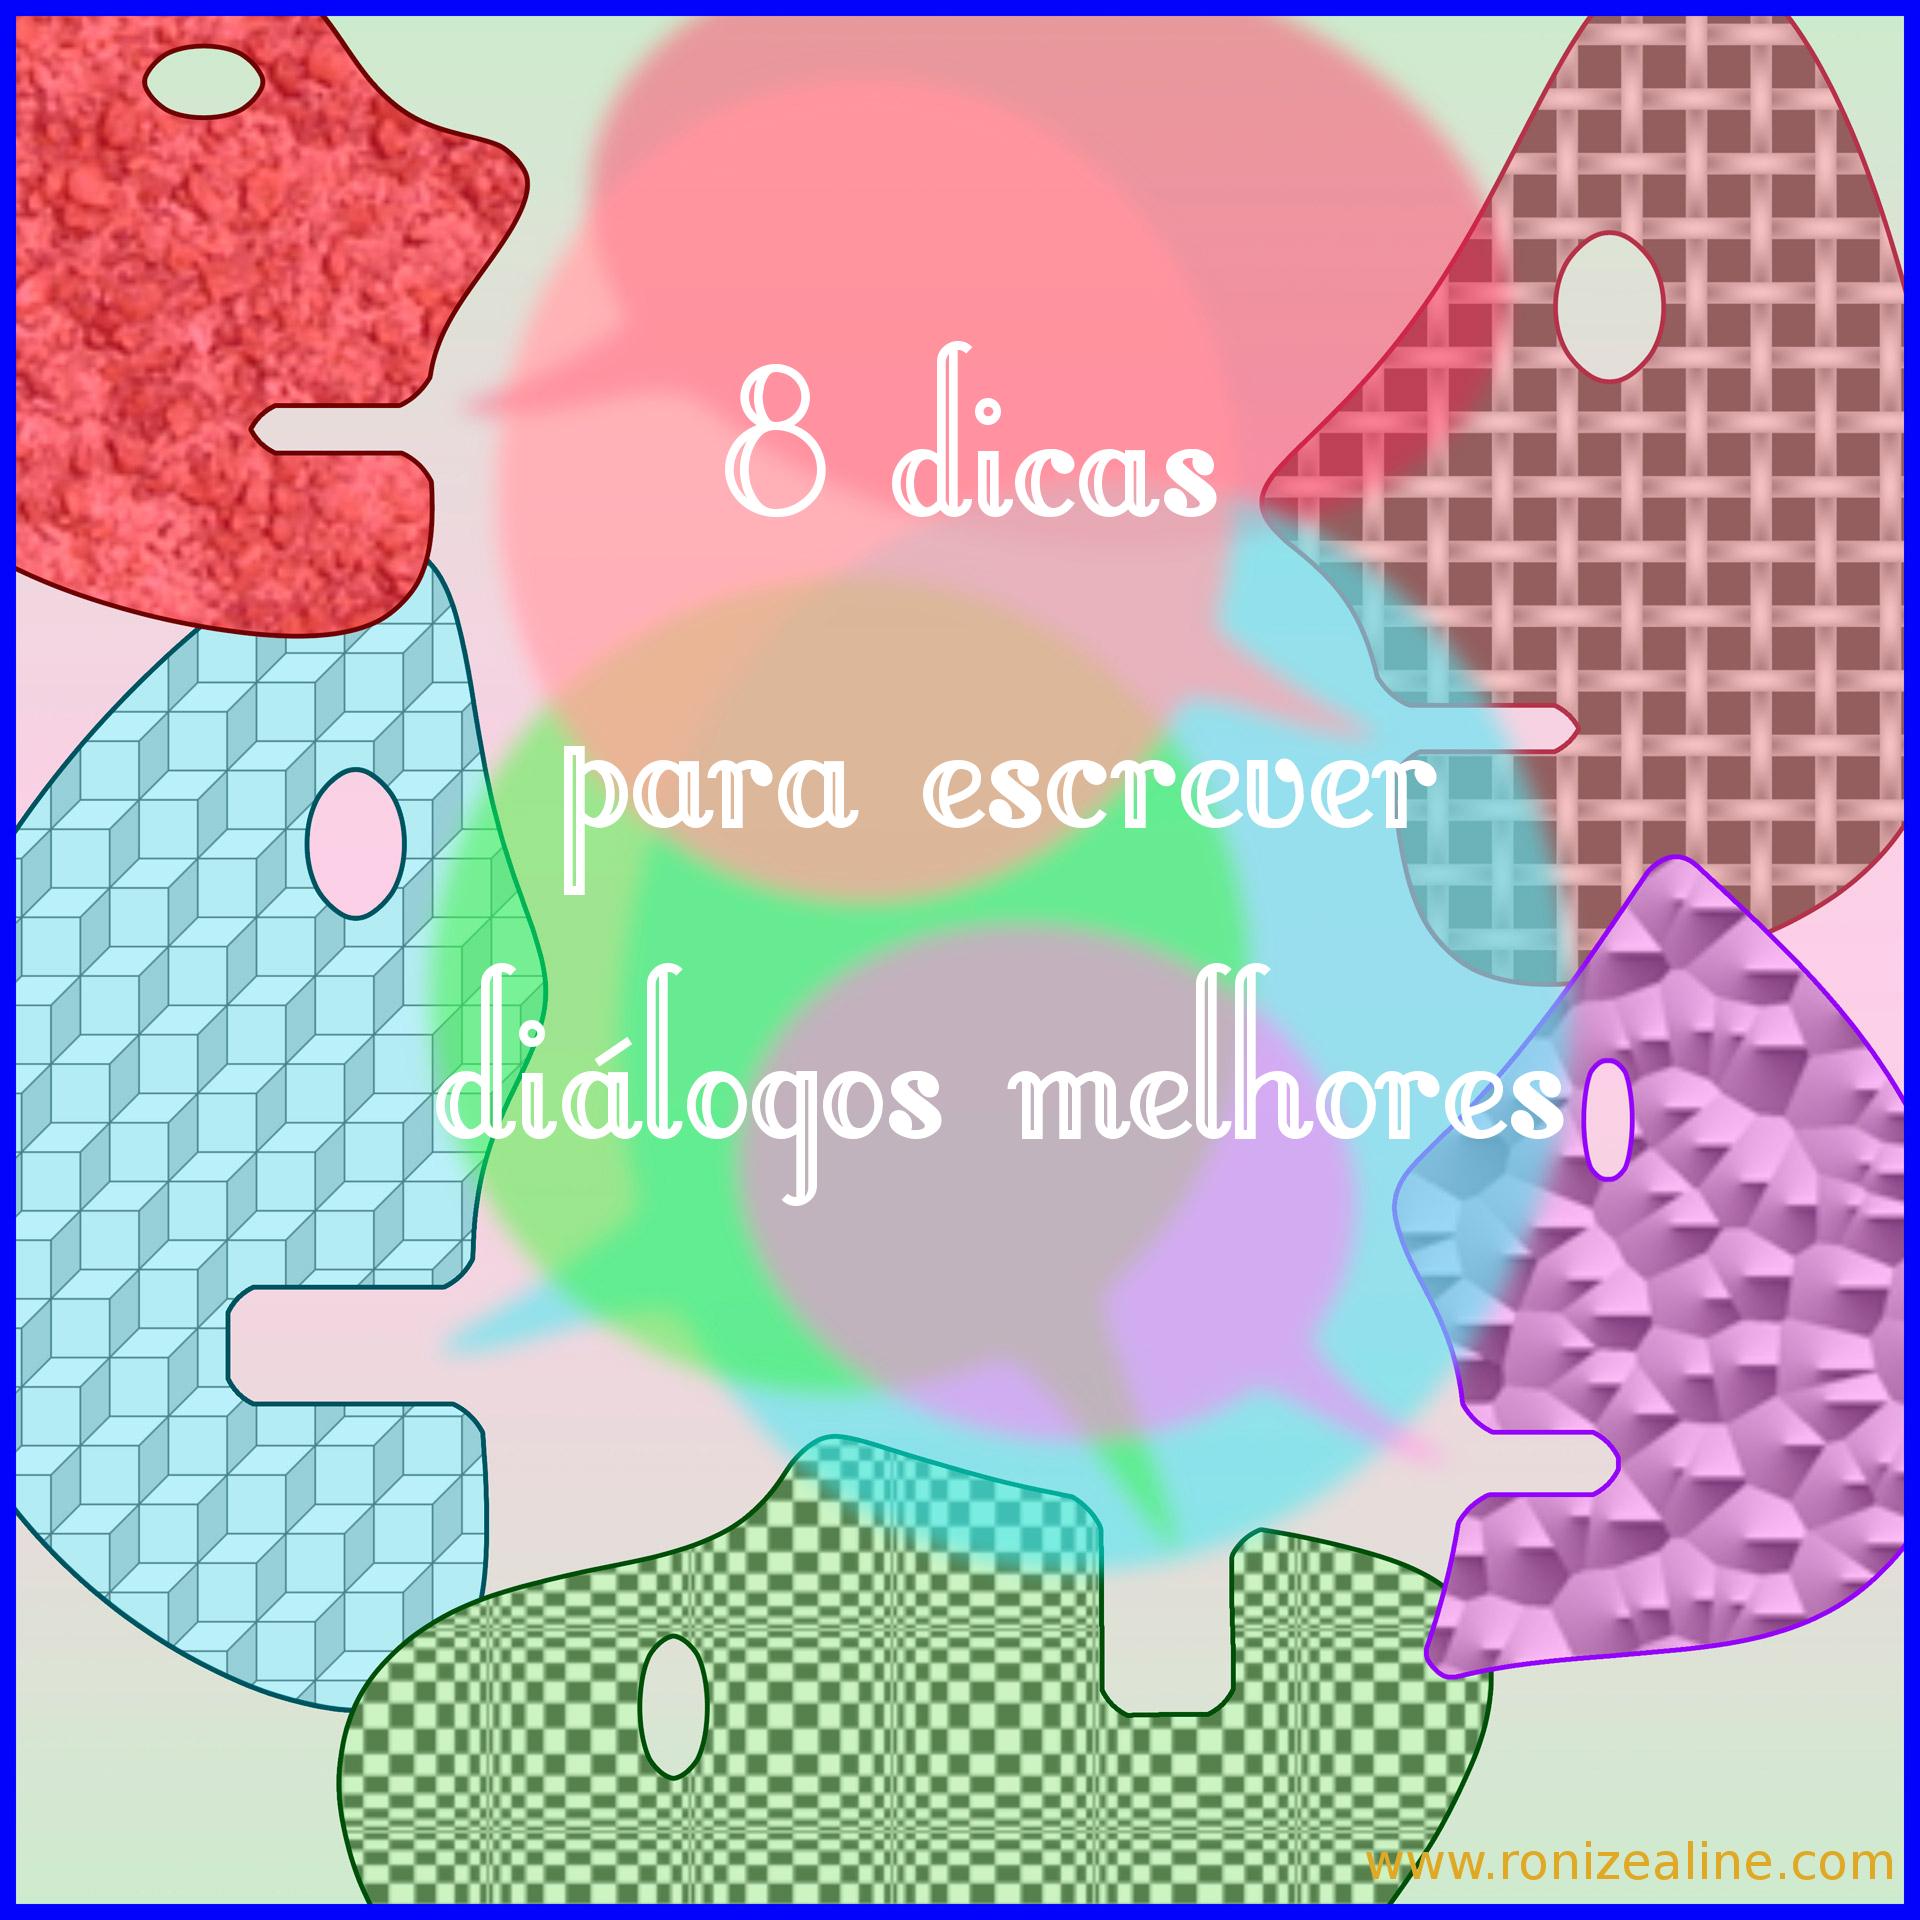 8 dicas para escrever diálogos melhores